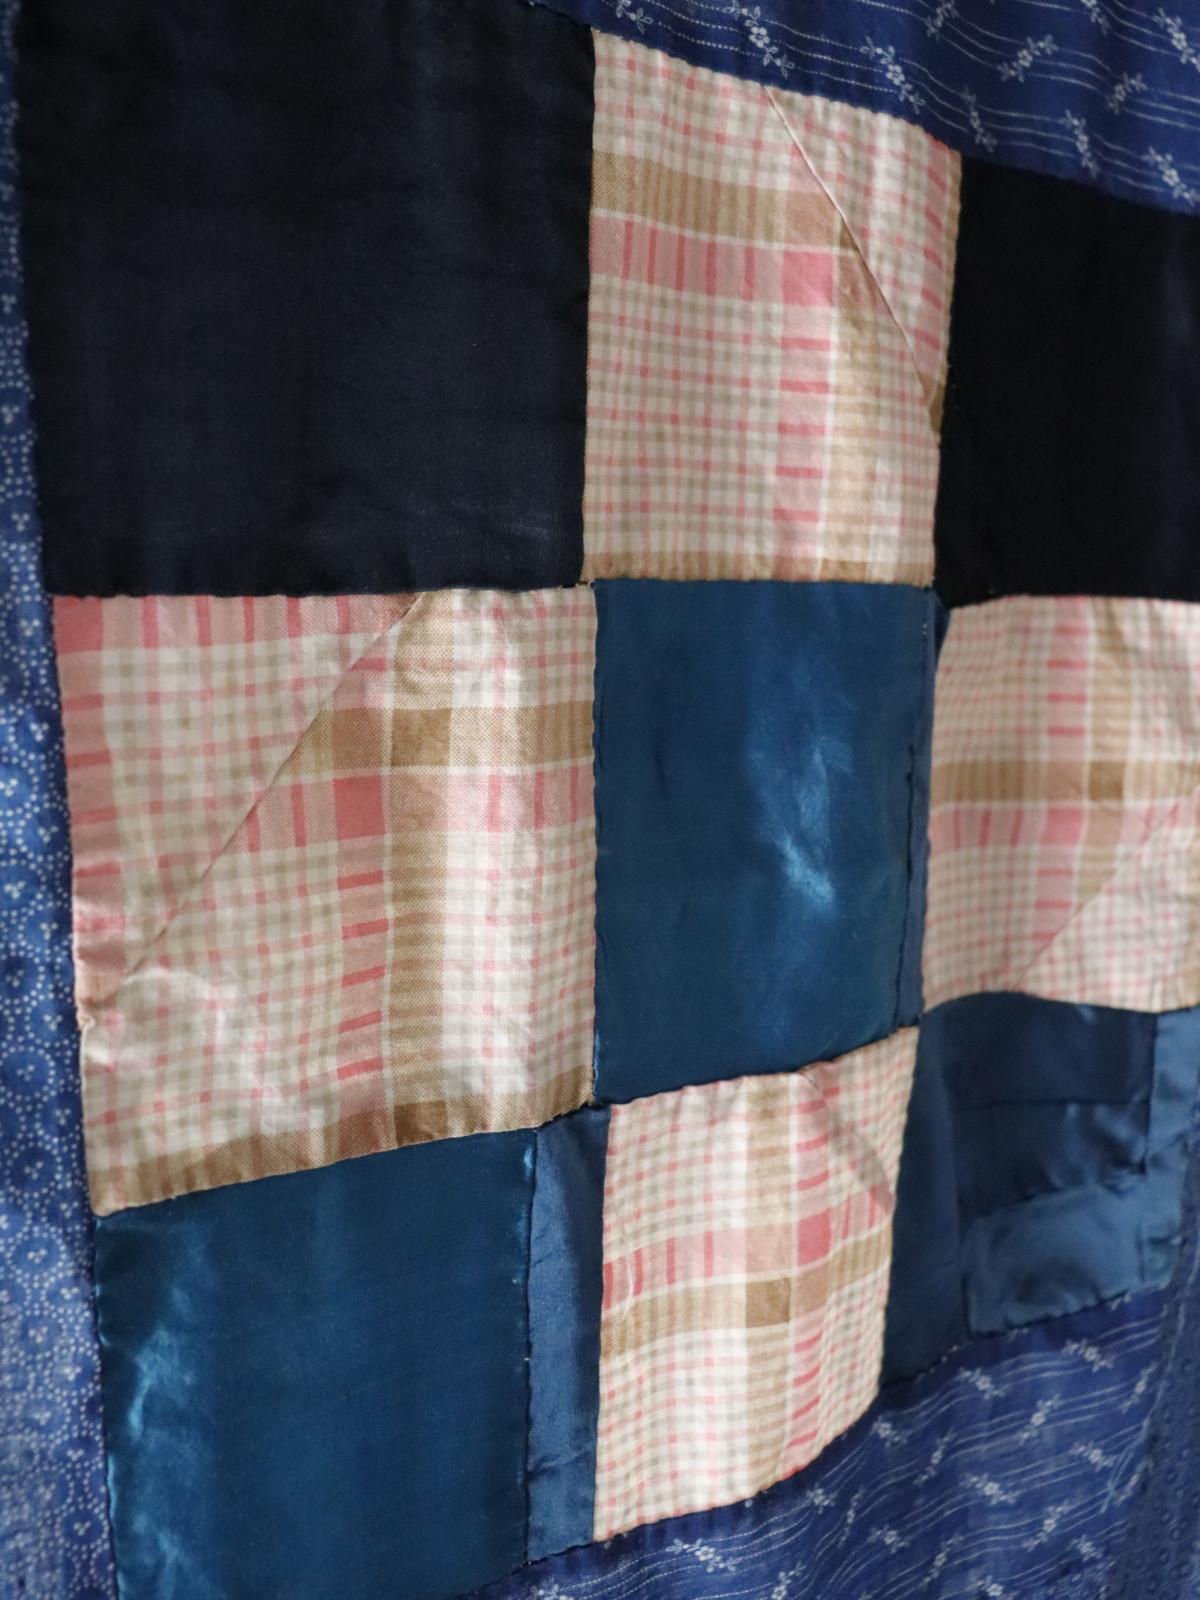 Vintage,Quilt top,USA,Antique,